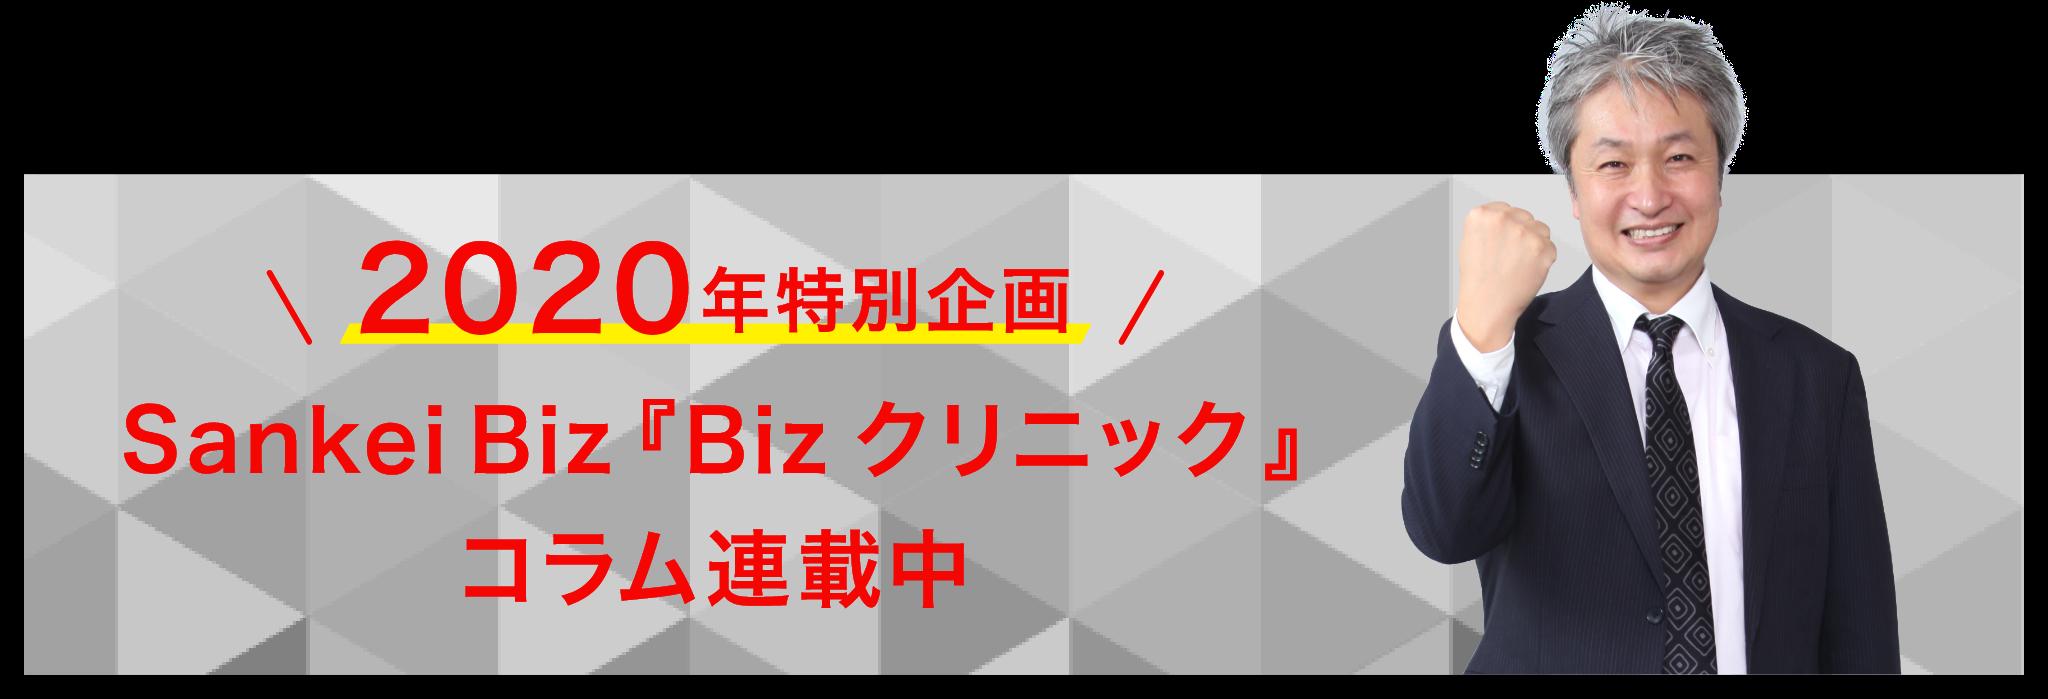 2020年特別企画 Sankei Biz「Bizクリニック」コラム連載中